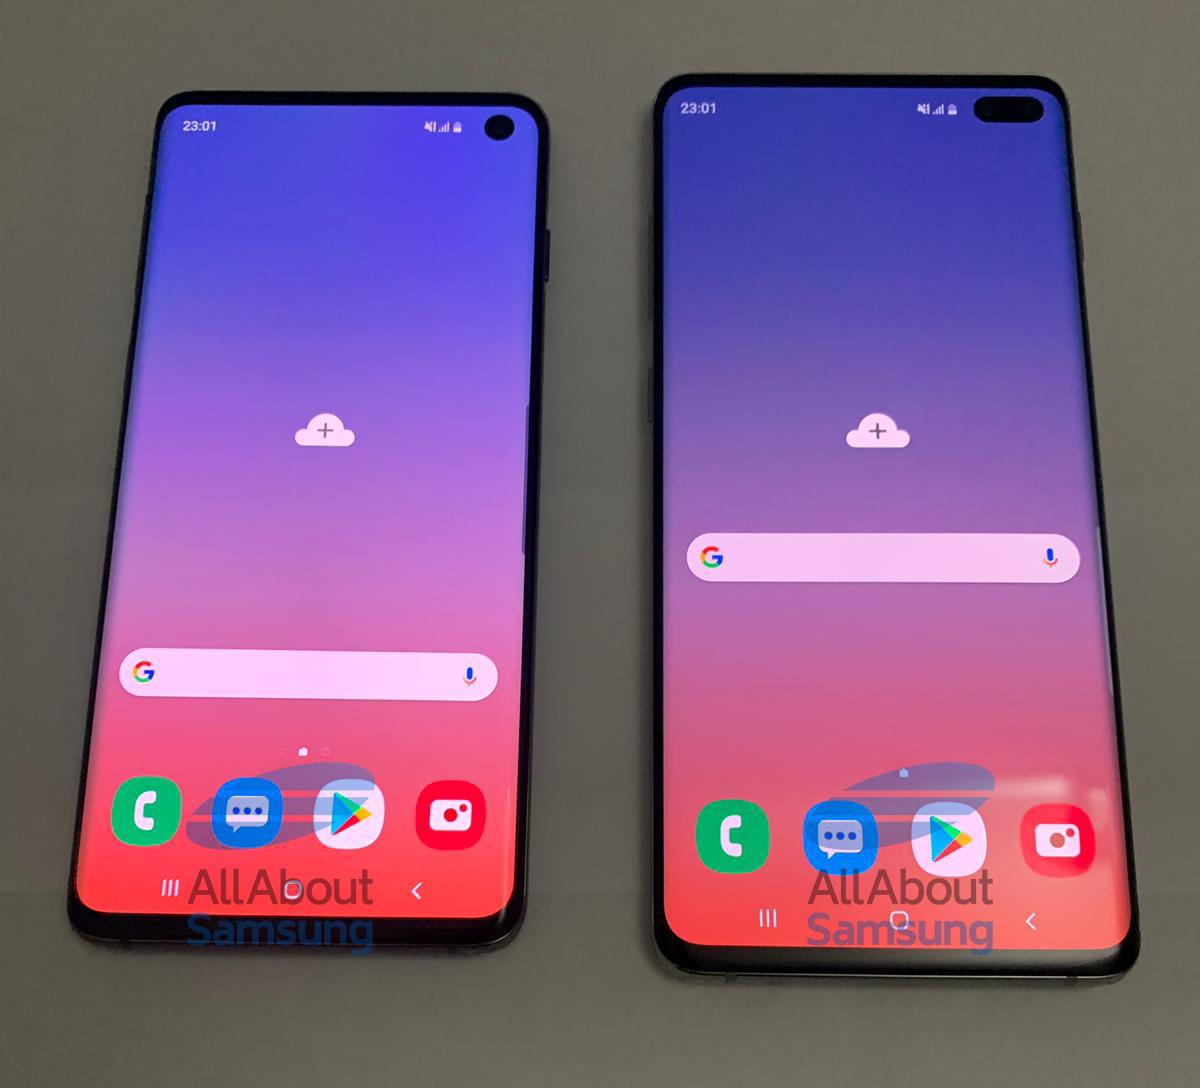 Samsung Galaxy S10 : une certification sème le doute sur la capacité des batteries